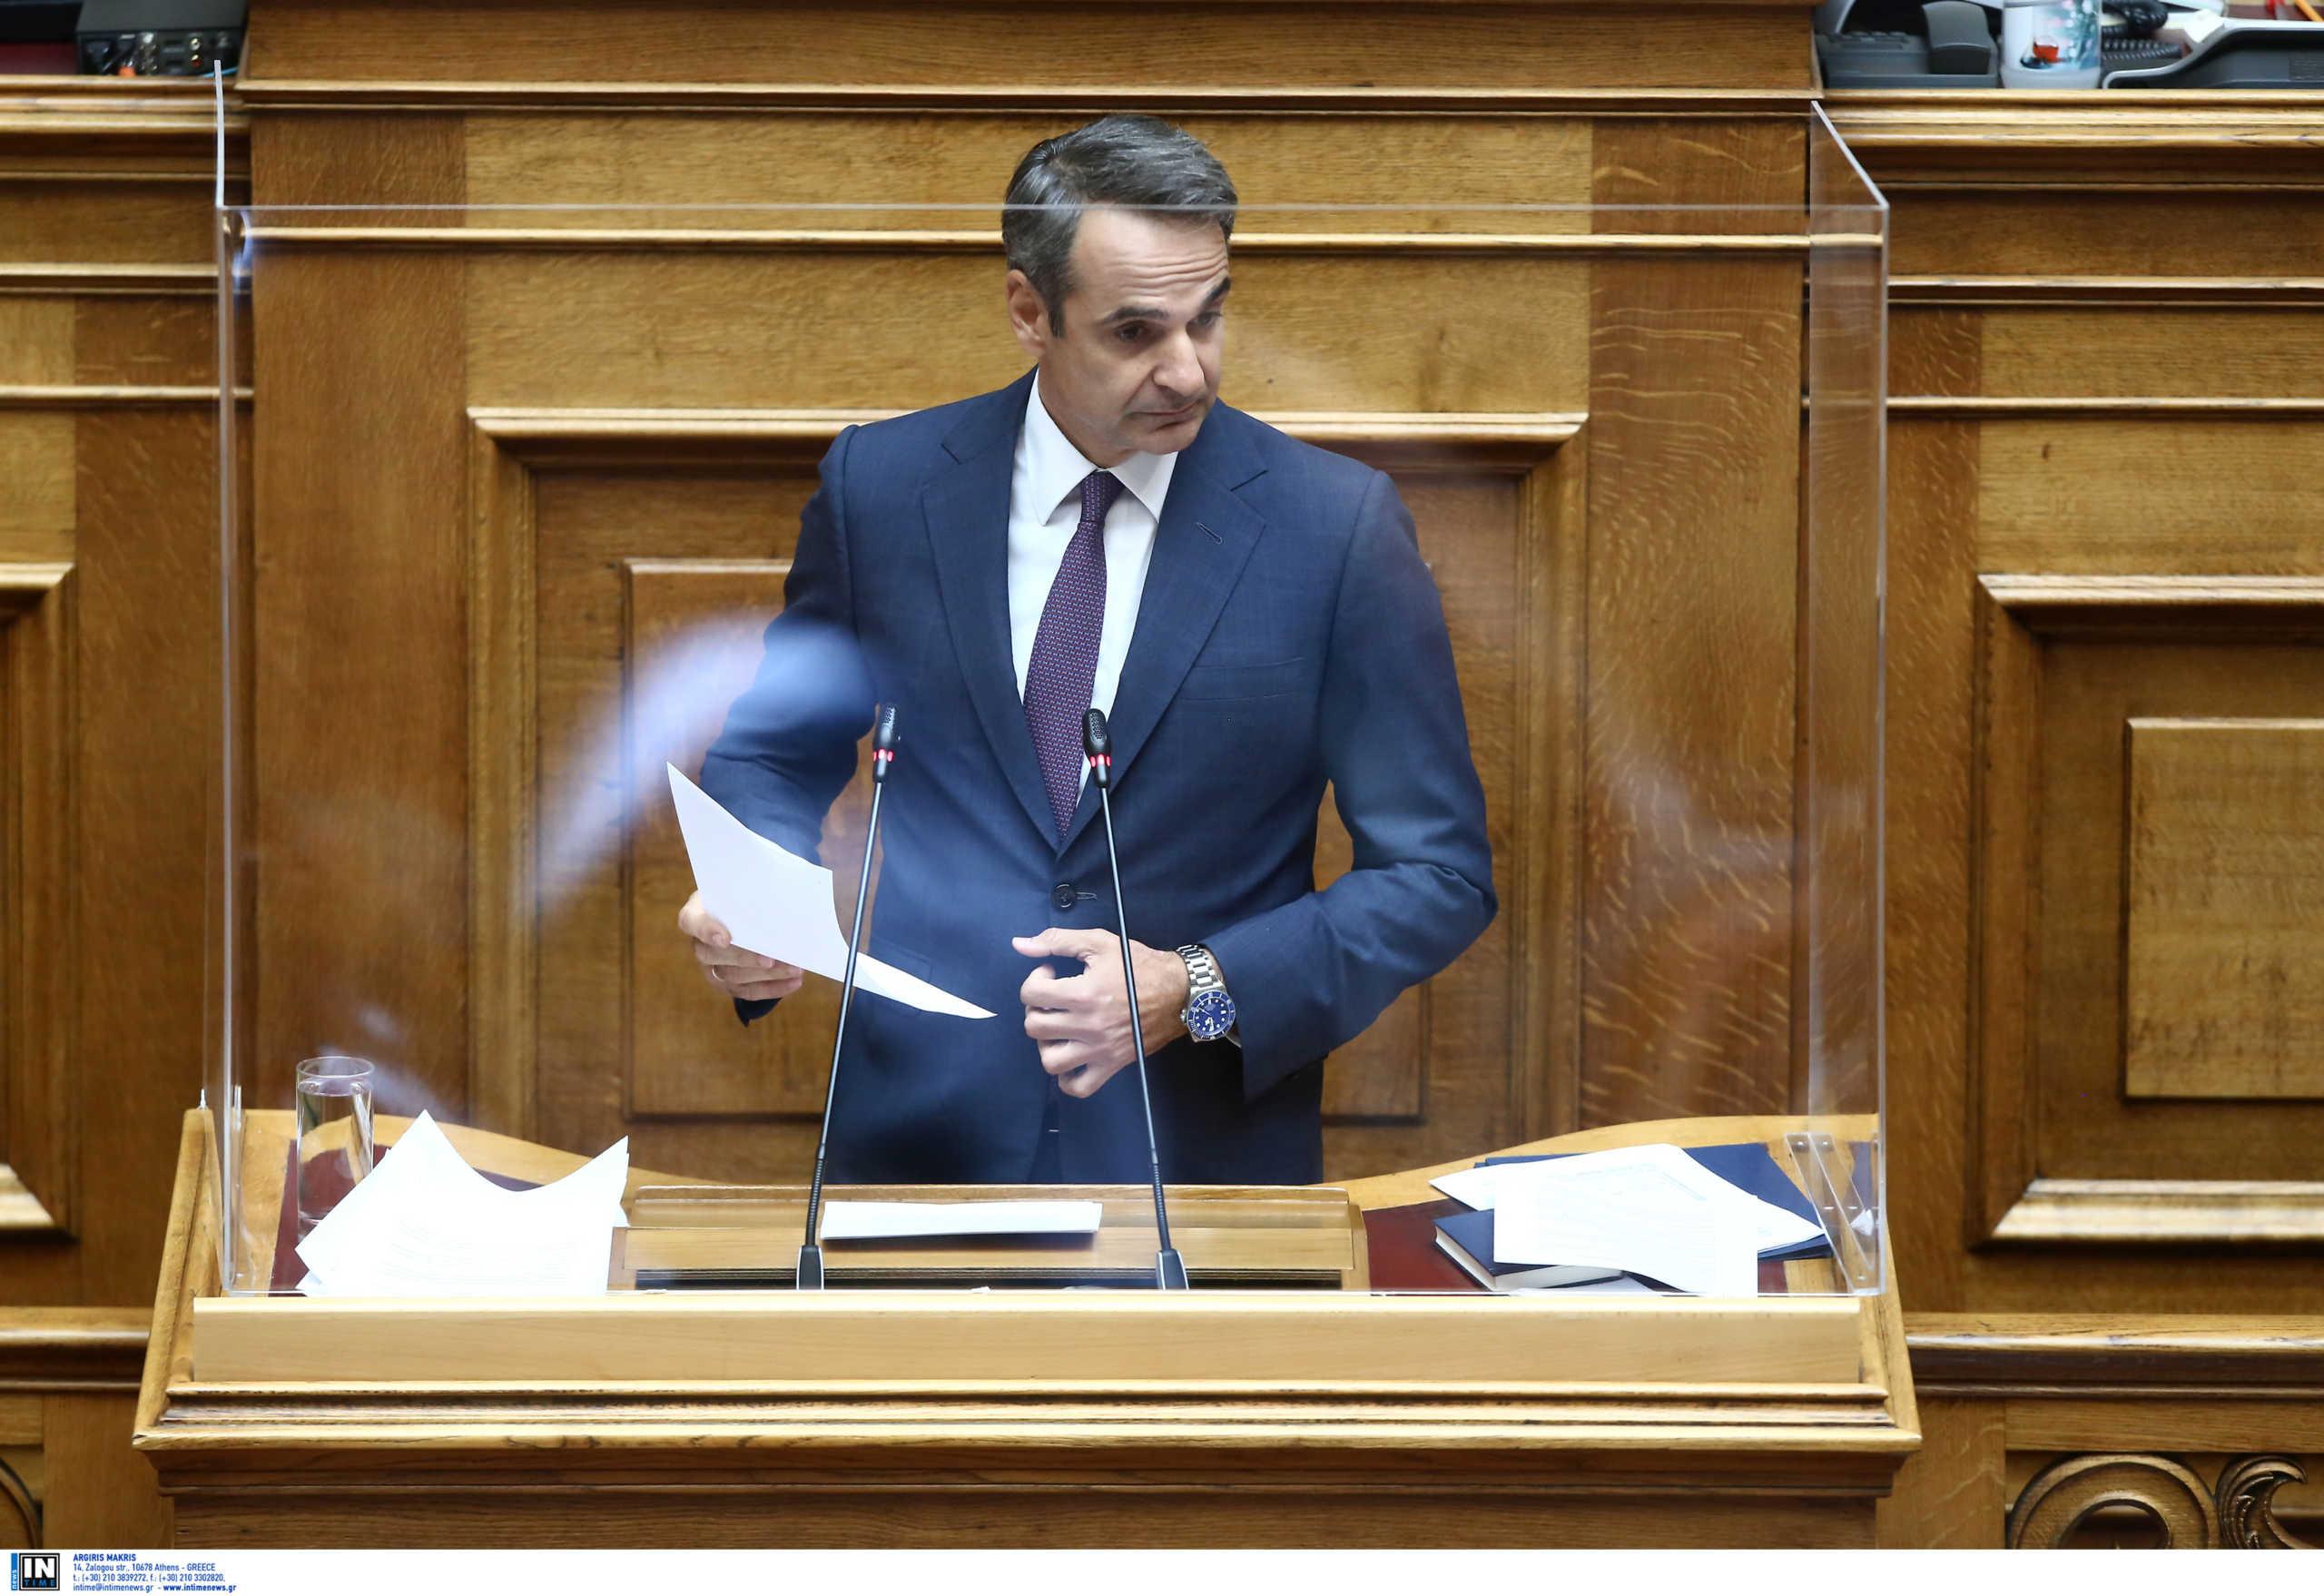 Μητσοτάκης στην Βουλή: Εφάπαξ σε όλους τους συνταξιούχους τα ...